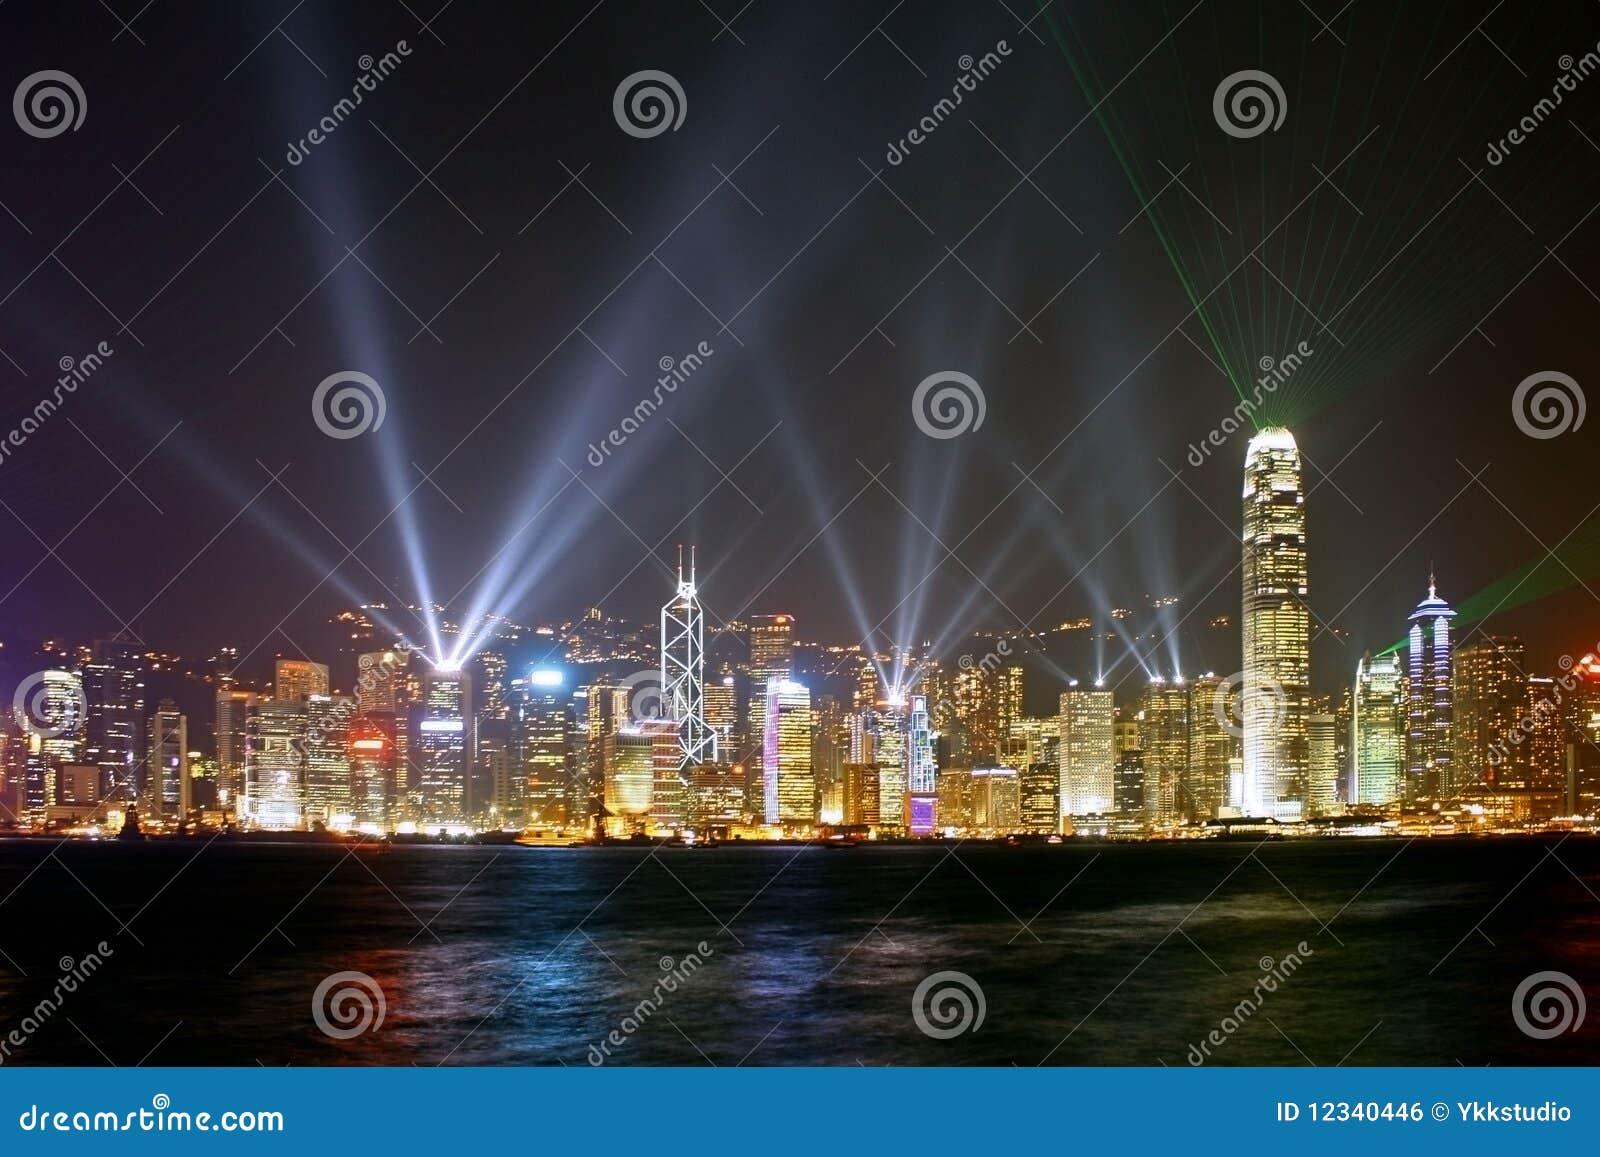 night scene of hong kong metropolis royalty free stock image image